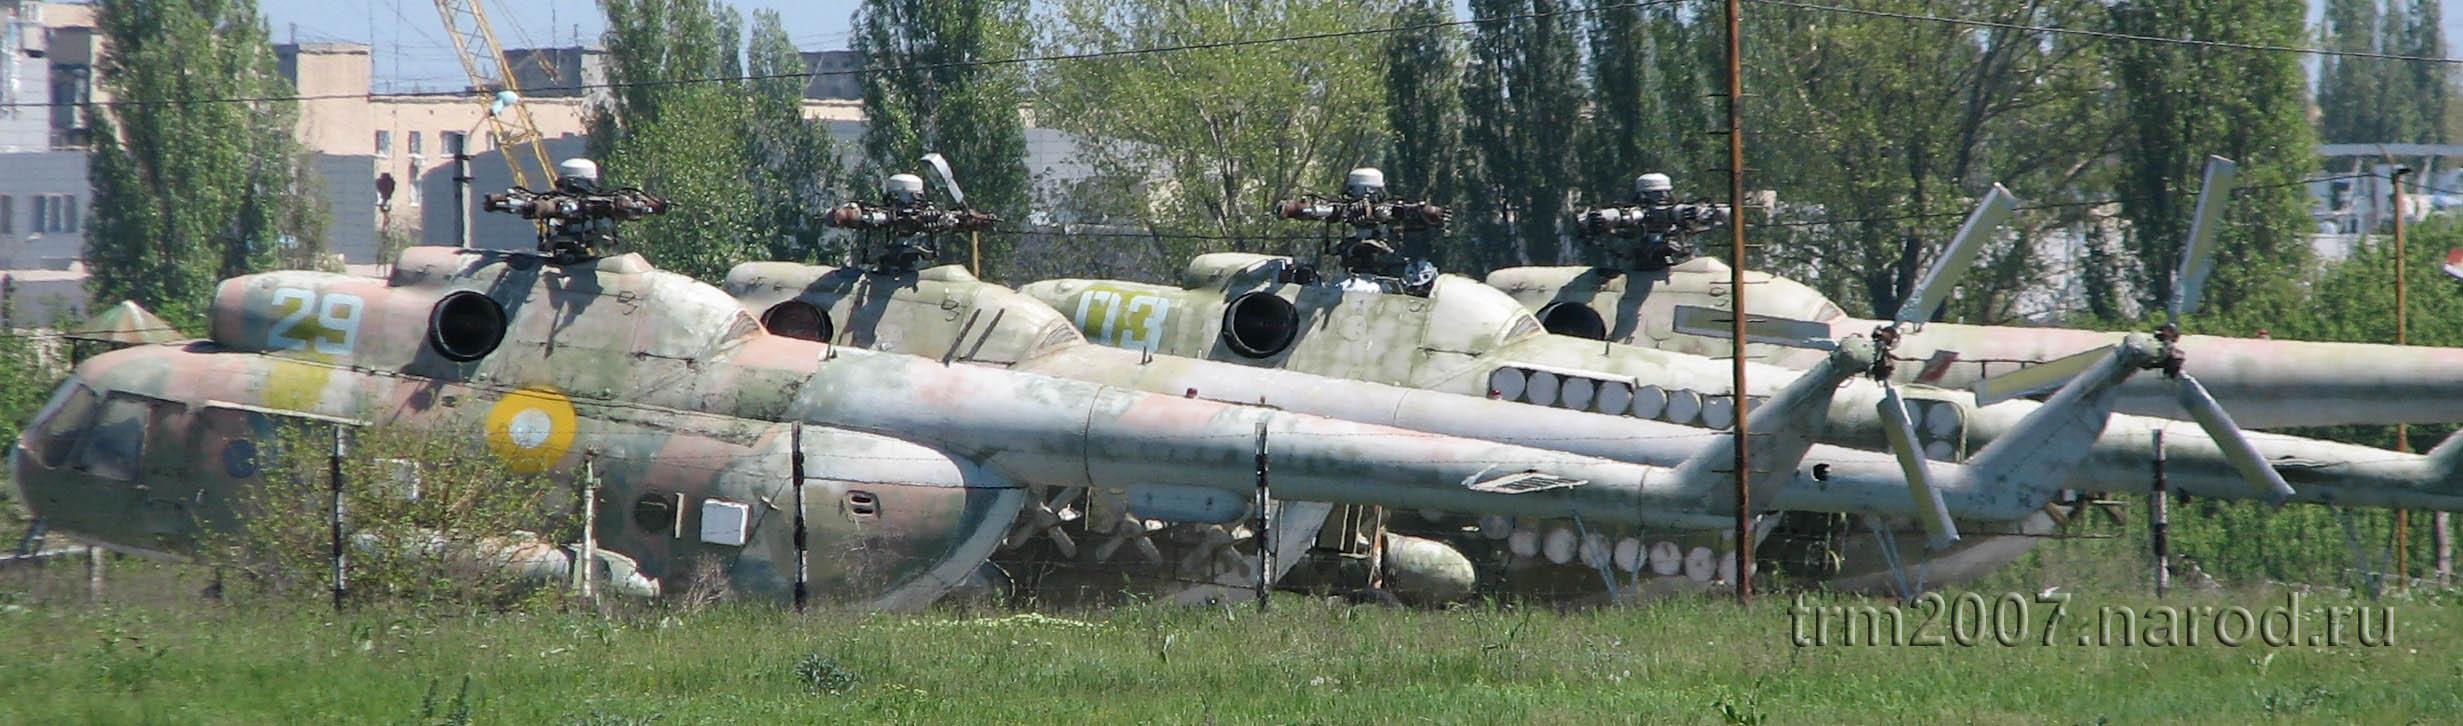 МИ-8, умирающие от безхозяйственности на Школьном аэродроме в Одессе